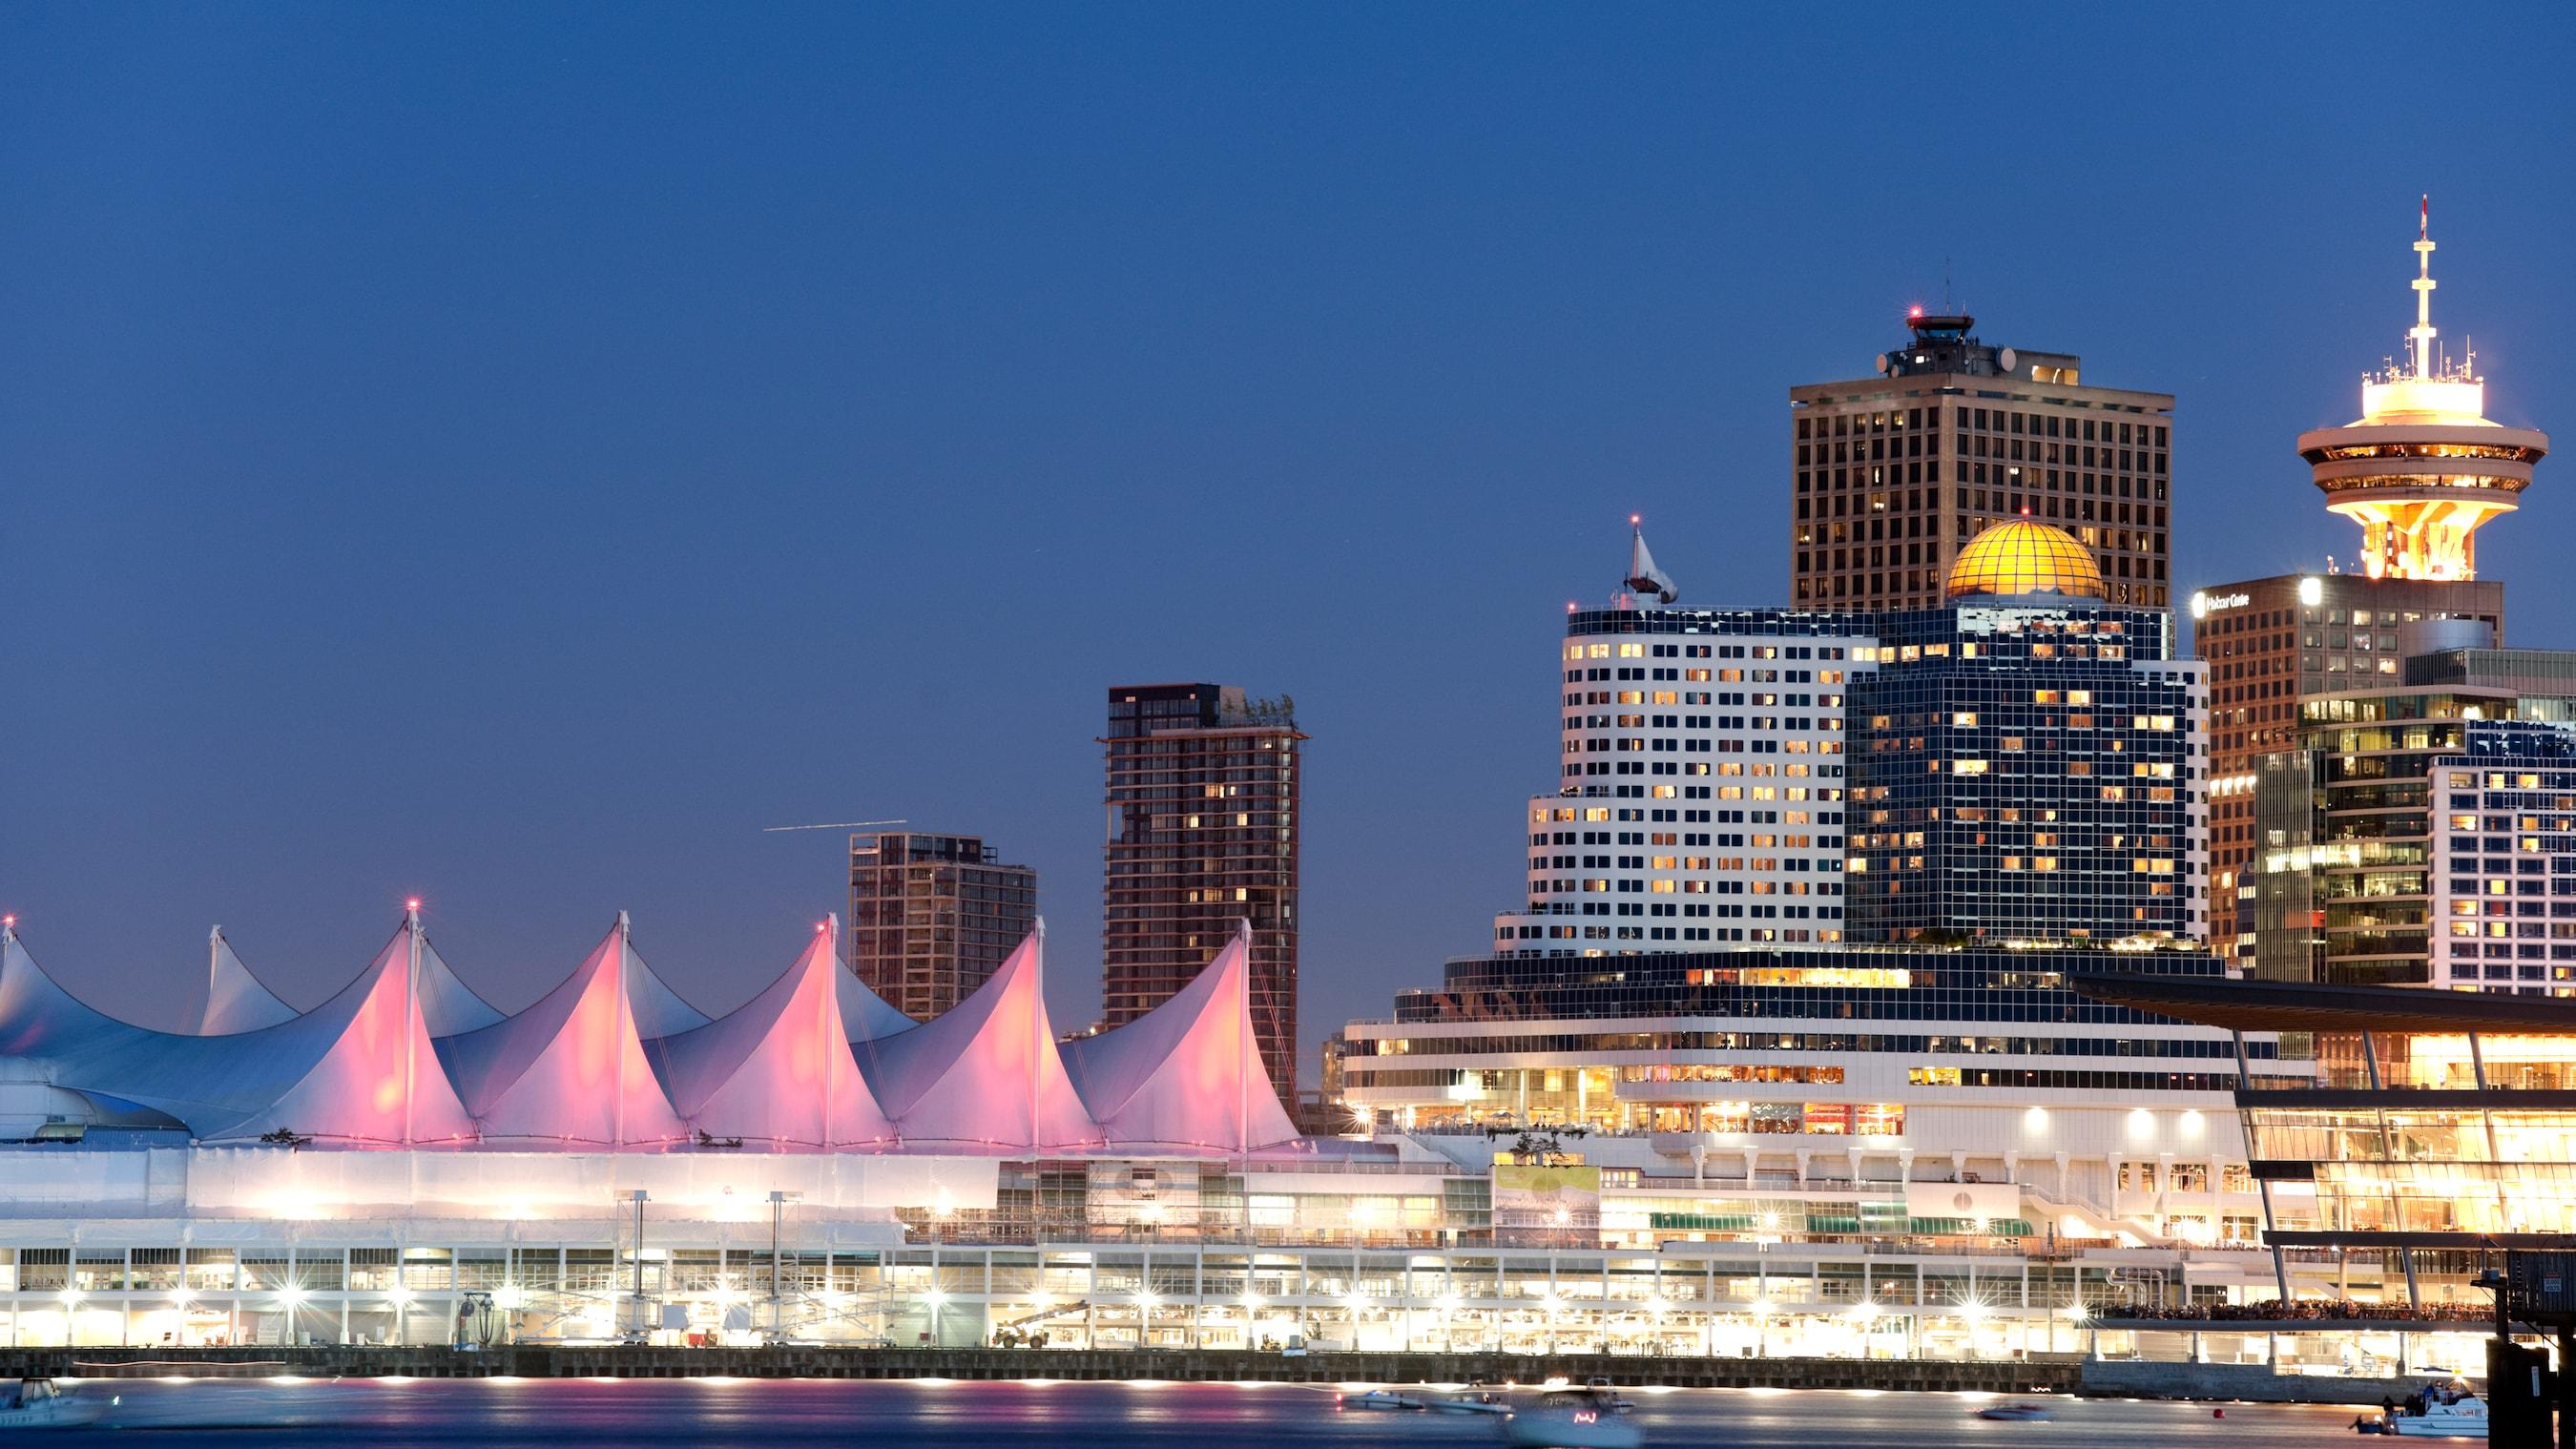 Una vista de noche del centro de convenciones a la orilla del mar en Vancouver, Canadá